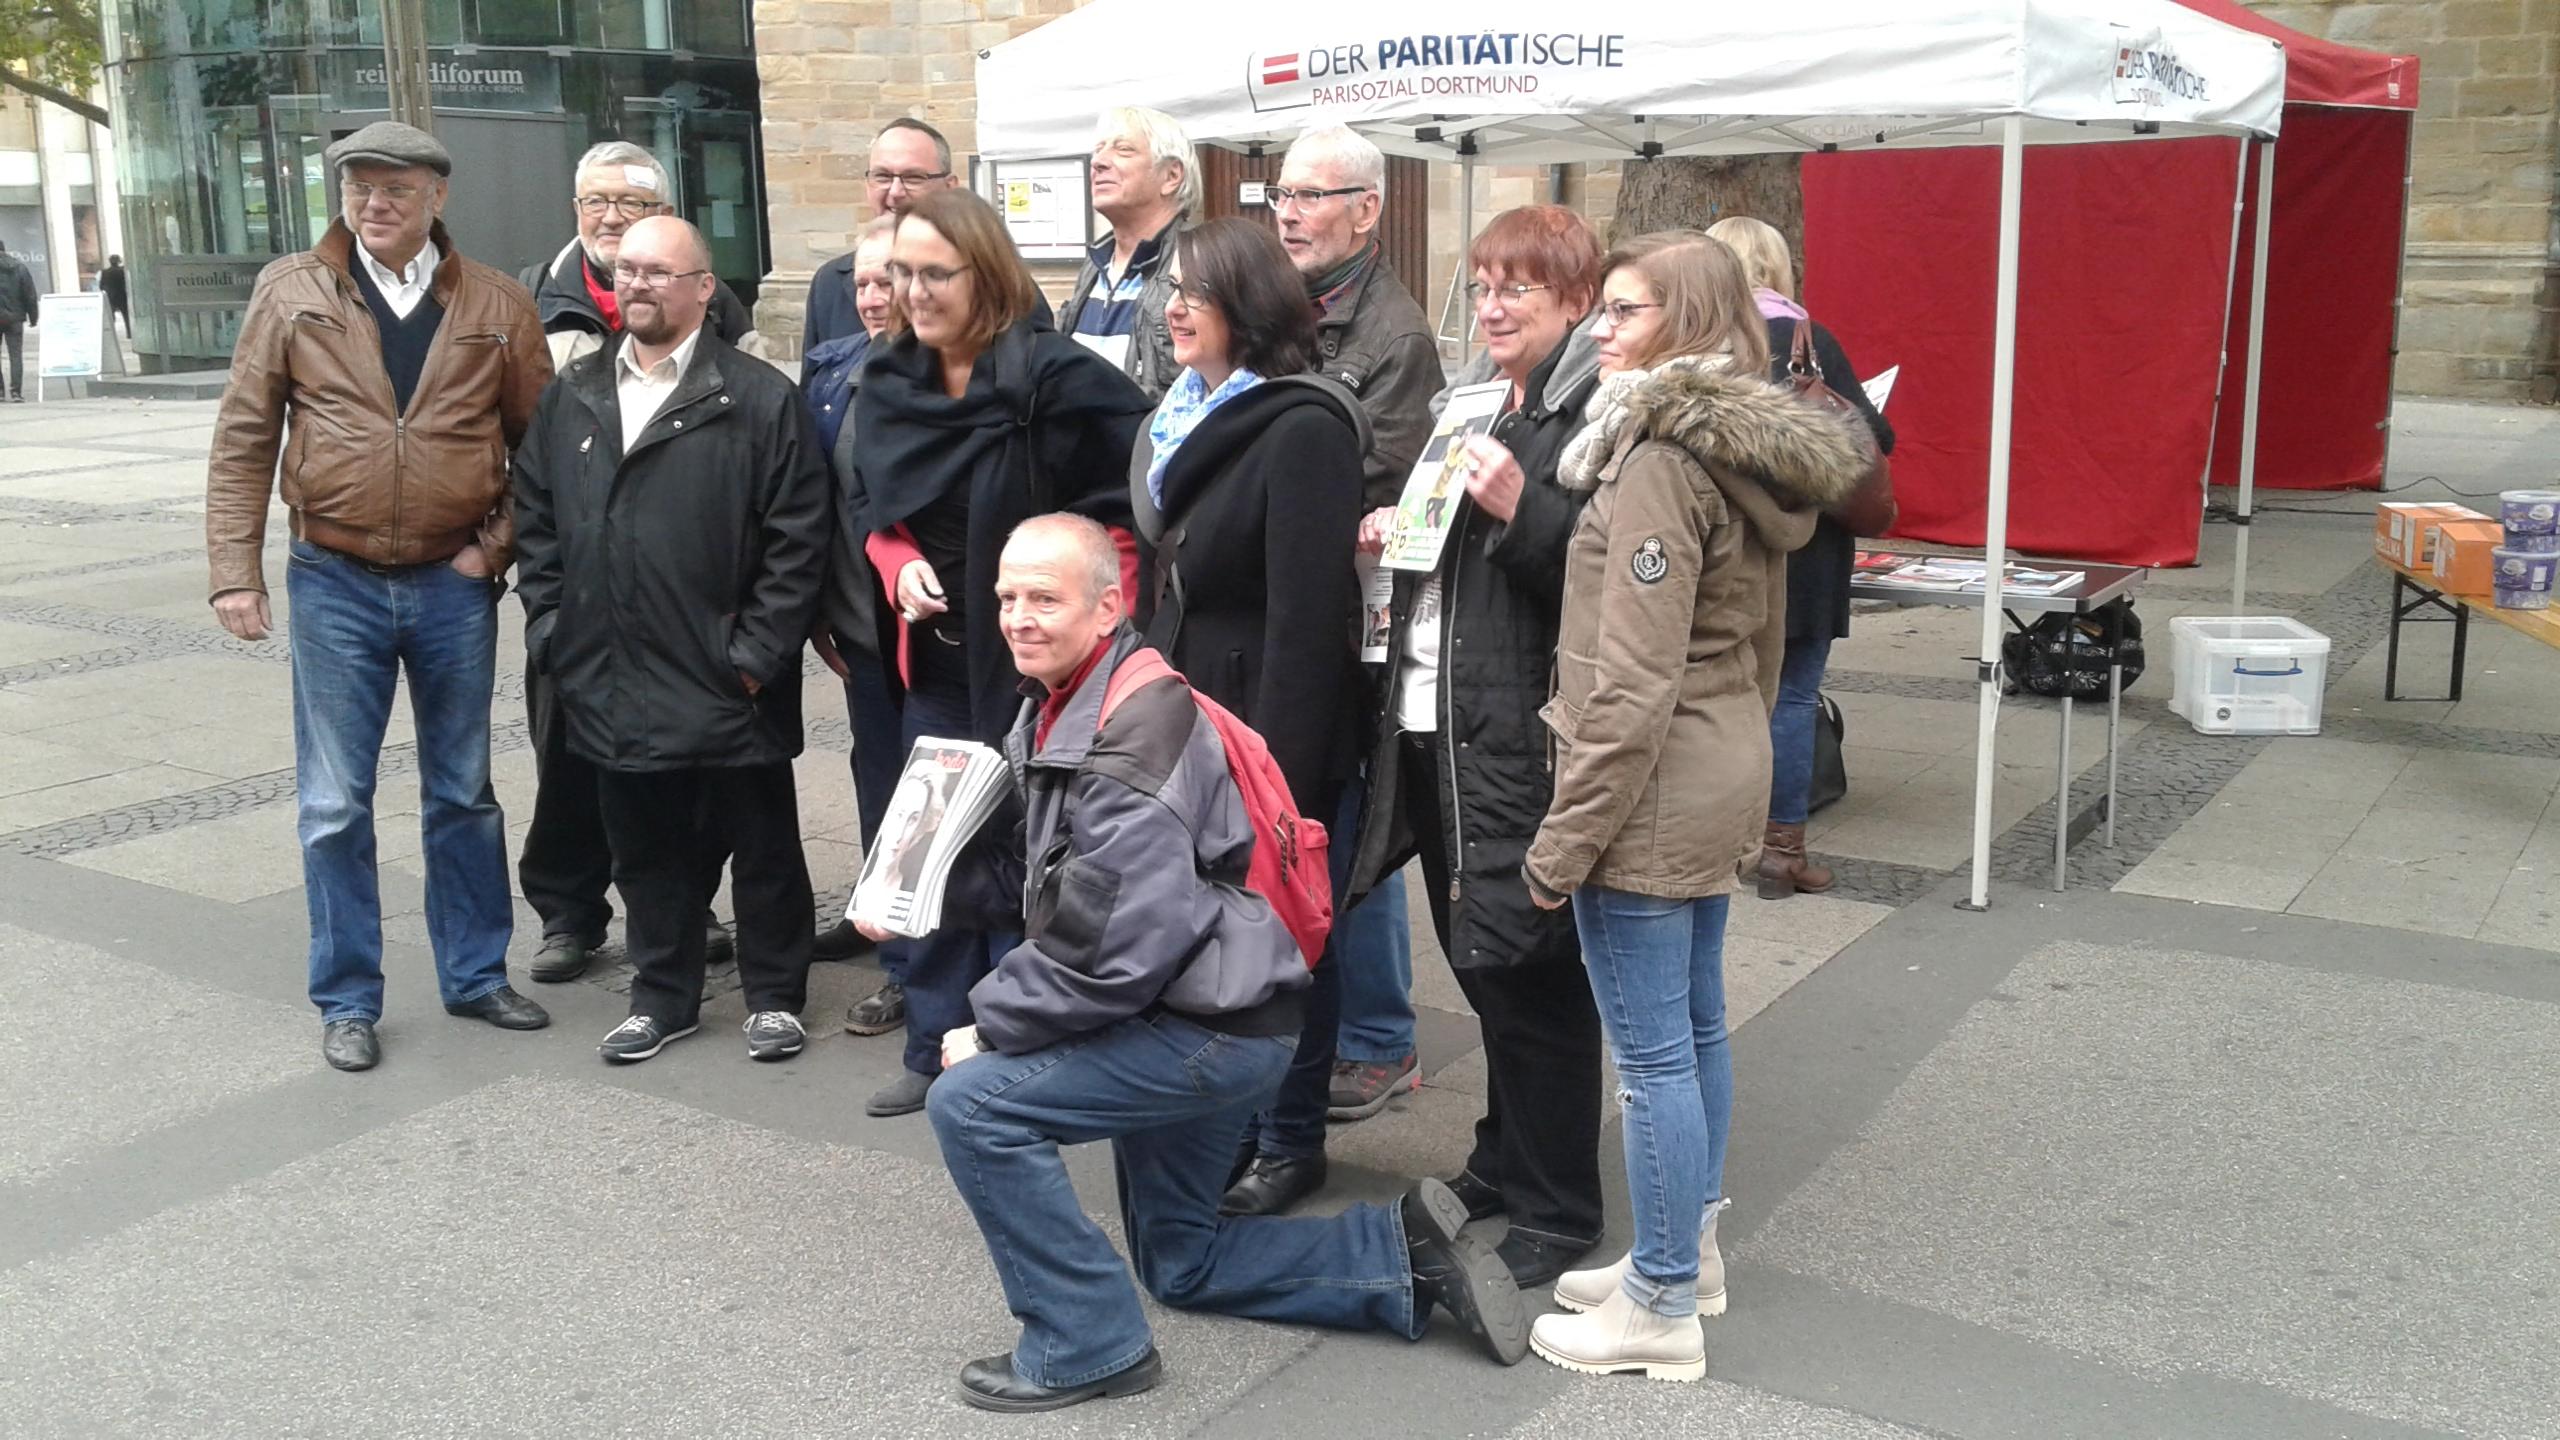 Ulrich Schneider im Kreise der Unterstützer des Bündnis für Umfairteilen Dortmund.